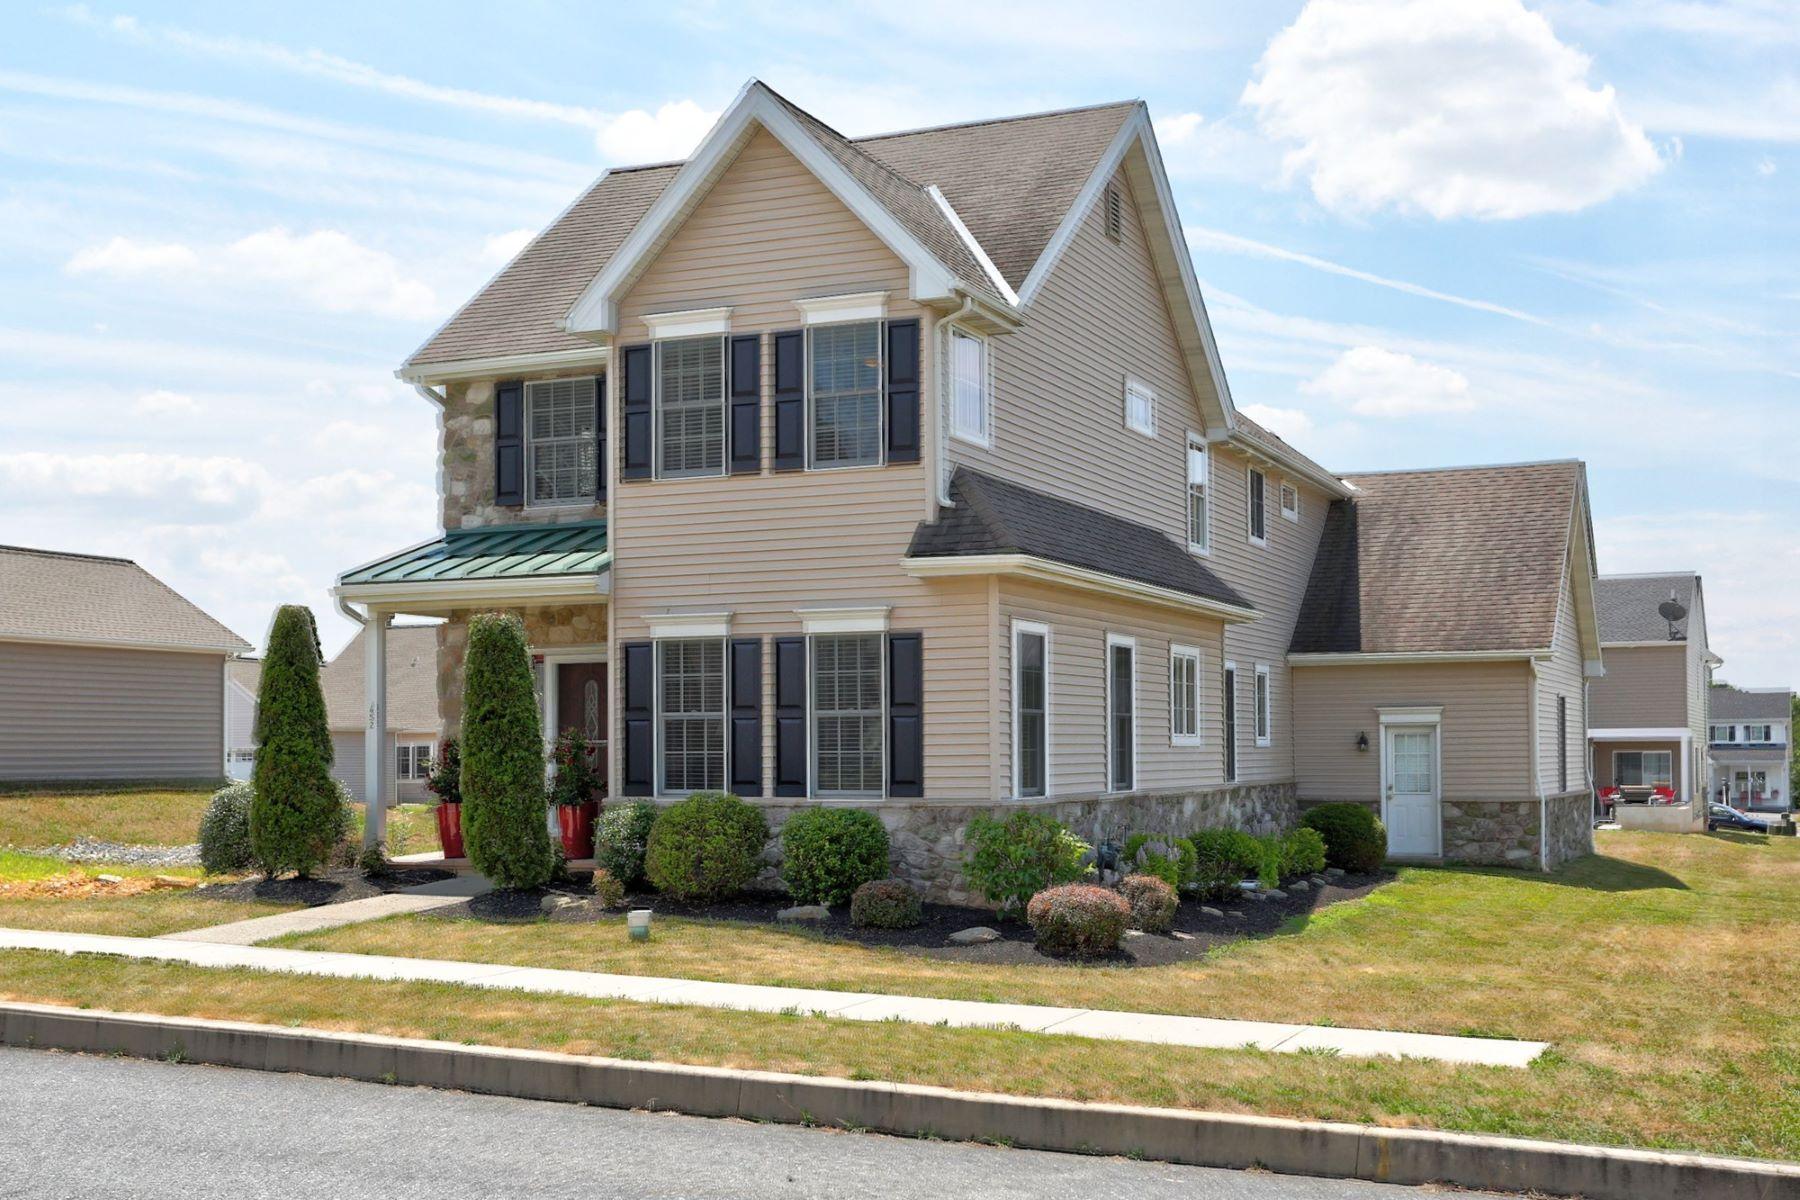 独户住宅 为 销售 在 652 Richmond Drive 652 Richmond Drive 兰开斯特, 宾夕法尼亚州 17601 美国